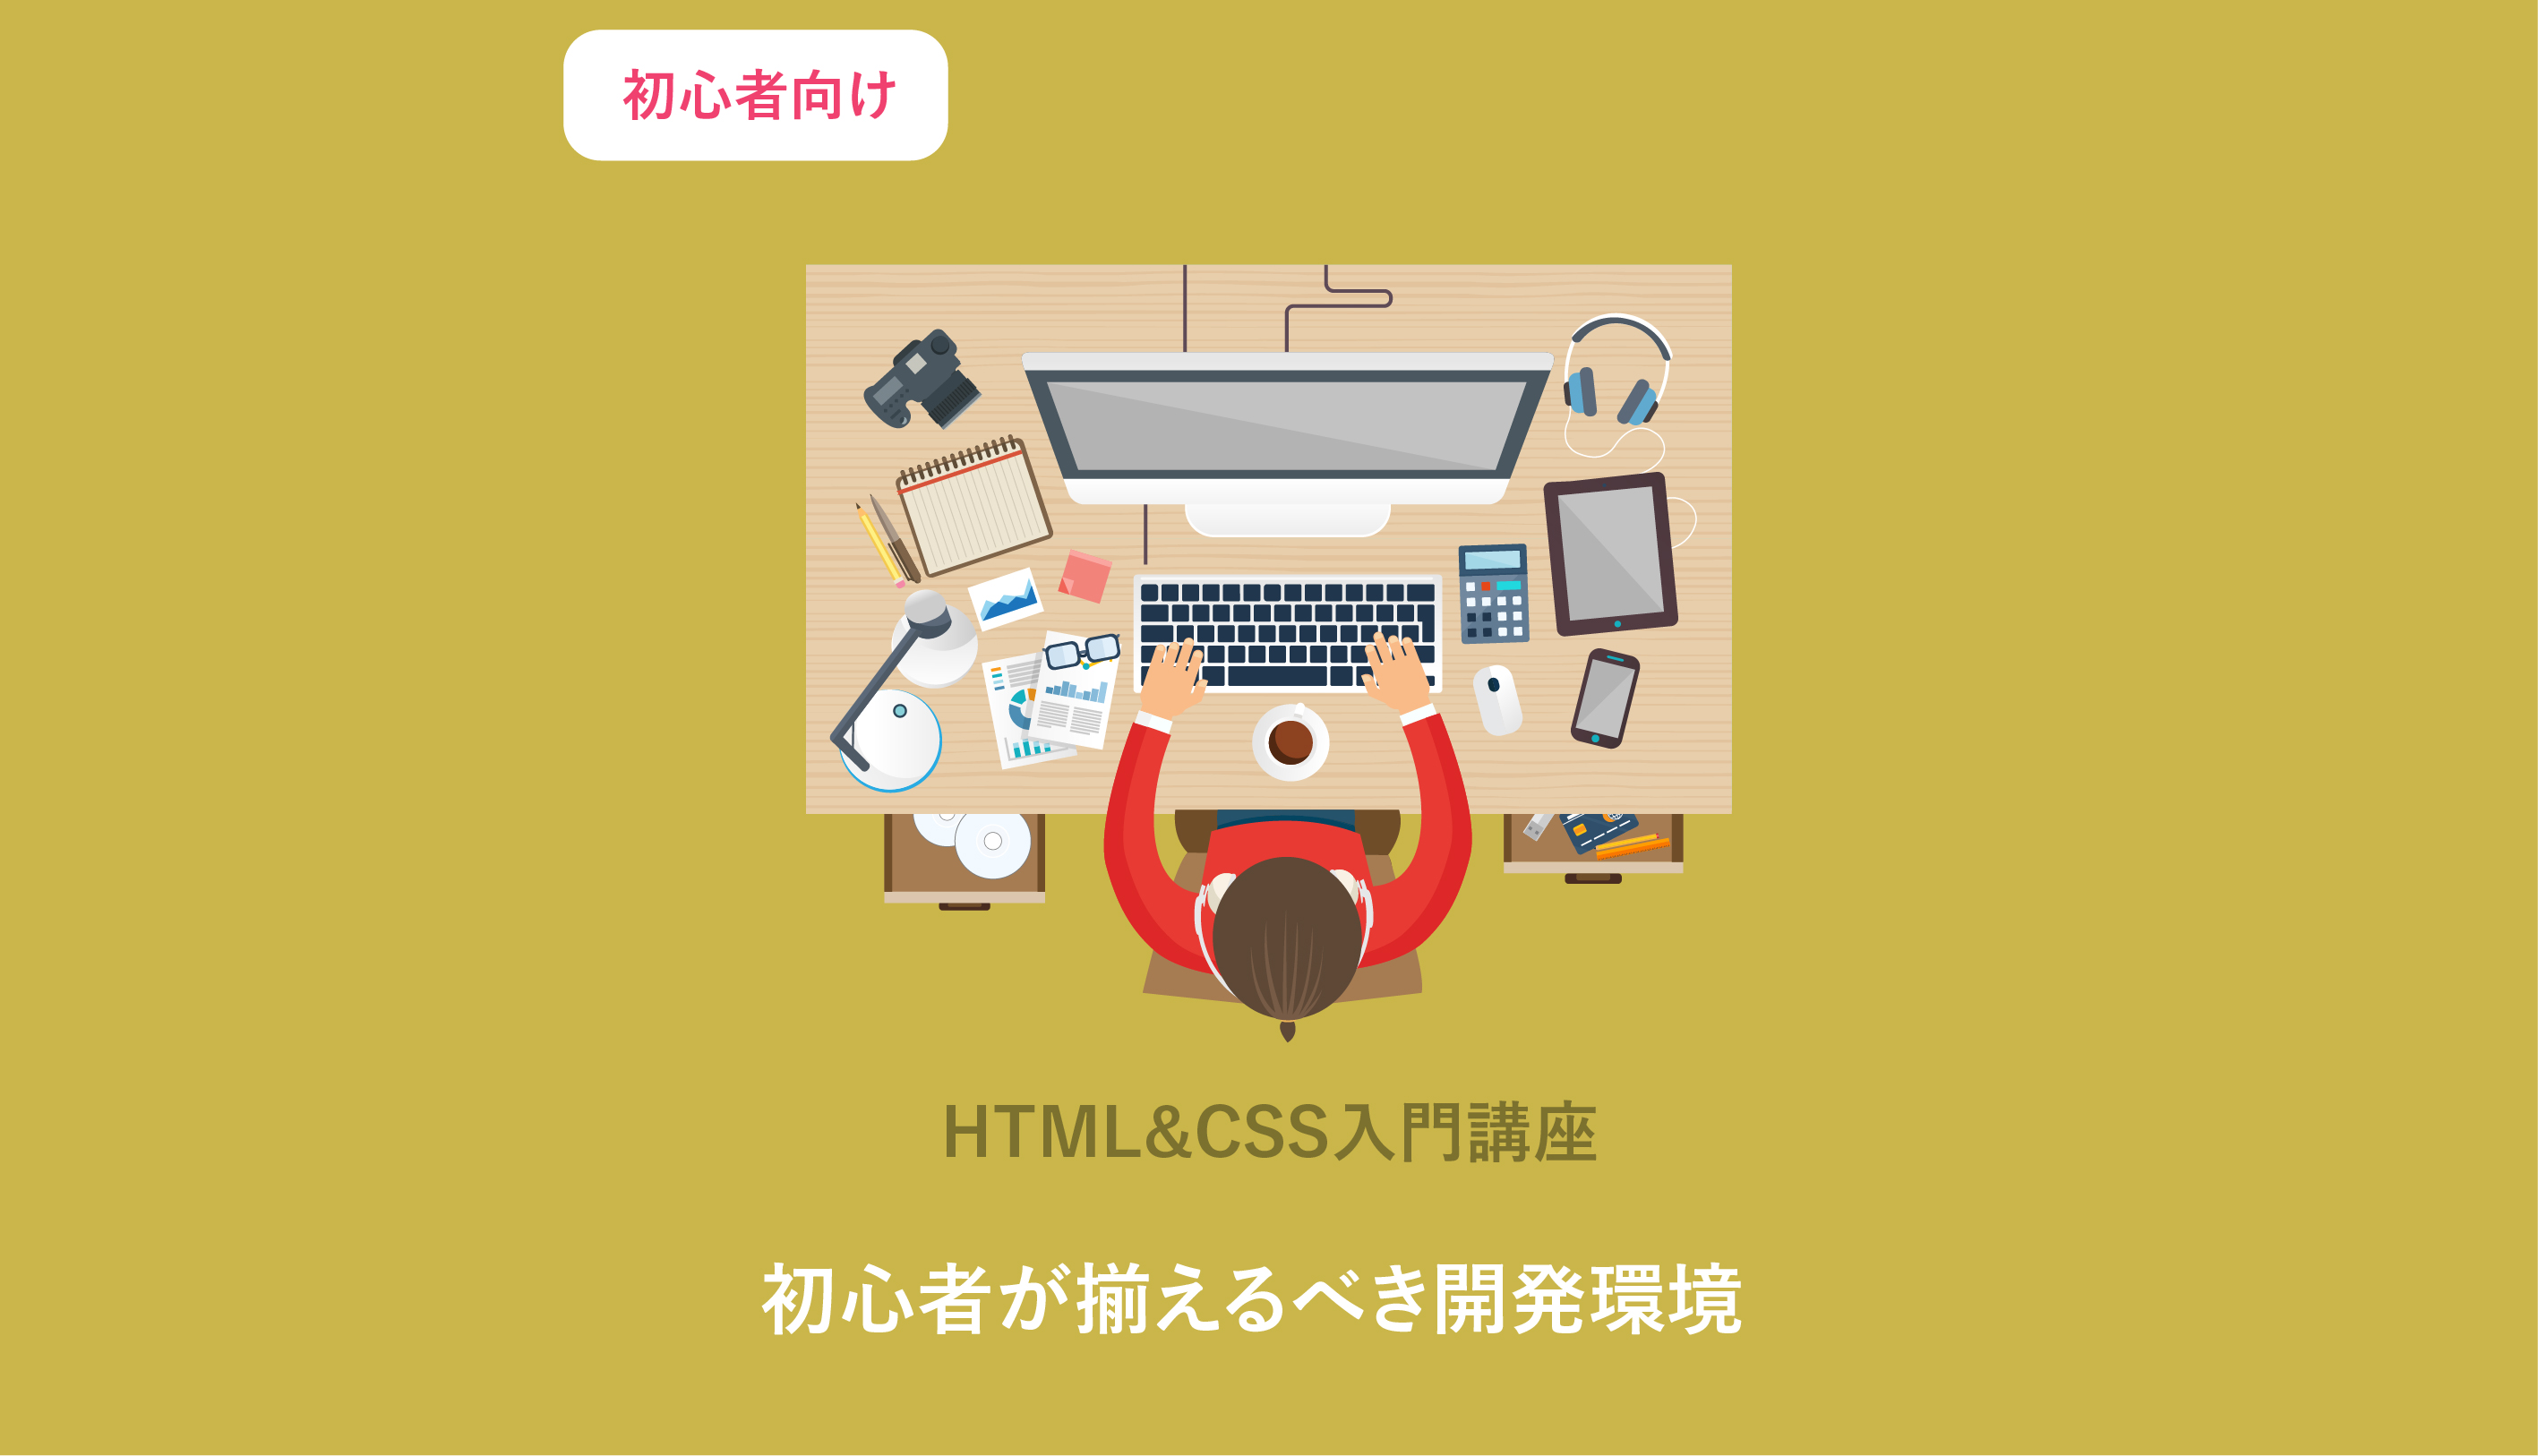 HTML・CSSの開発環境を整えよう【おすすめテキストエディタも紹介】